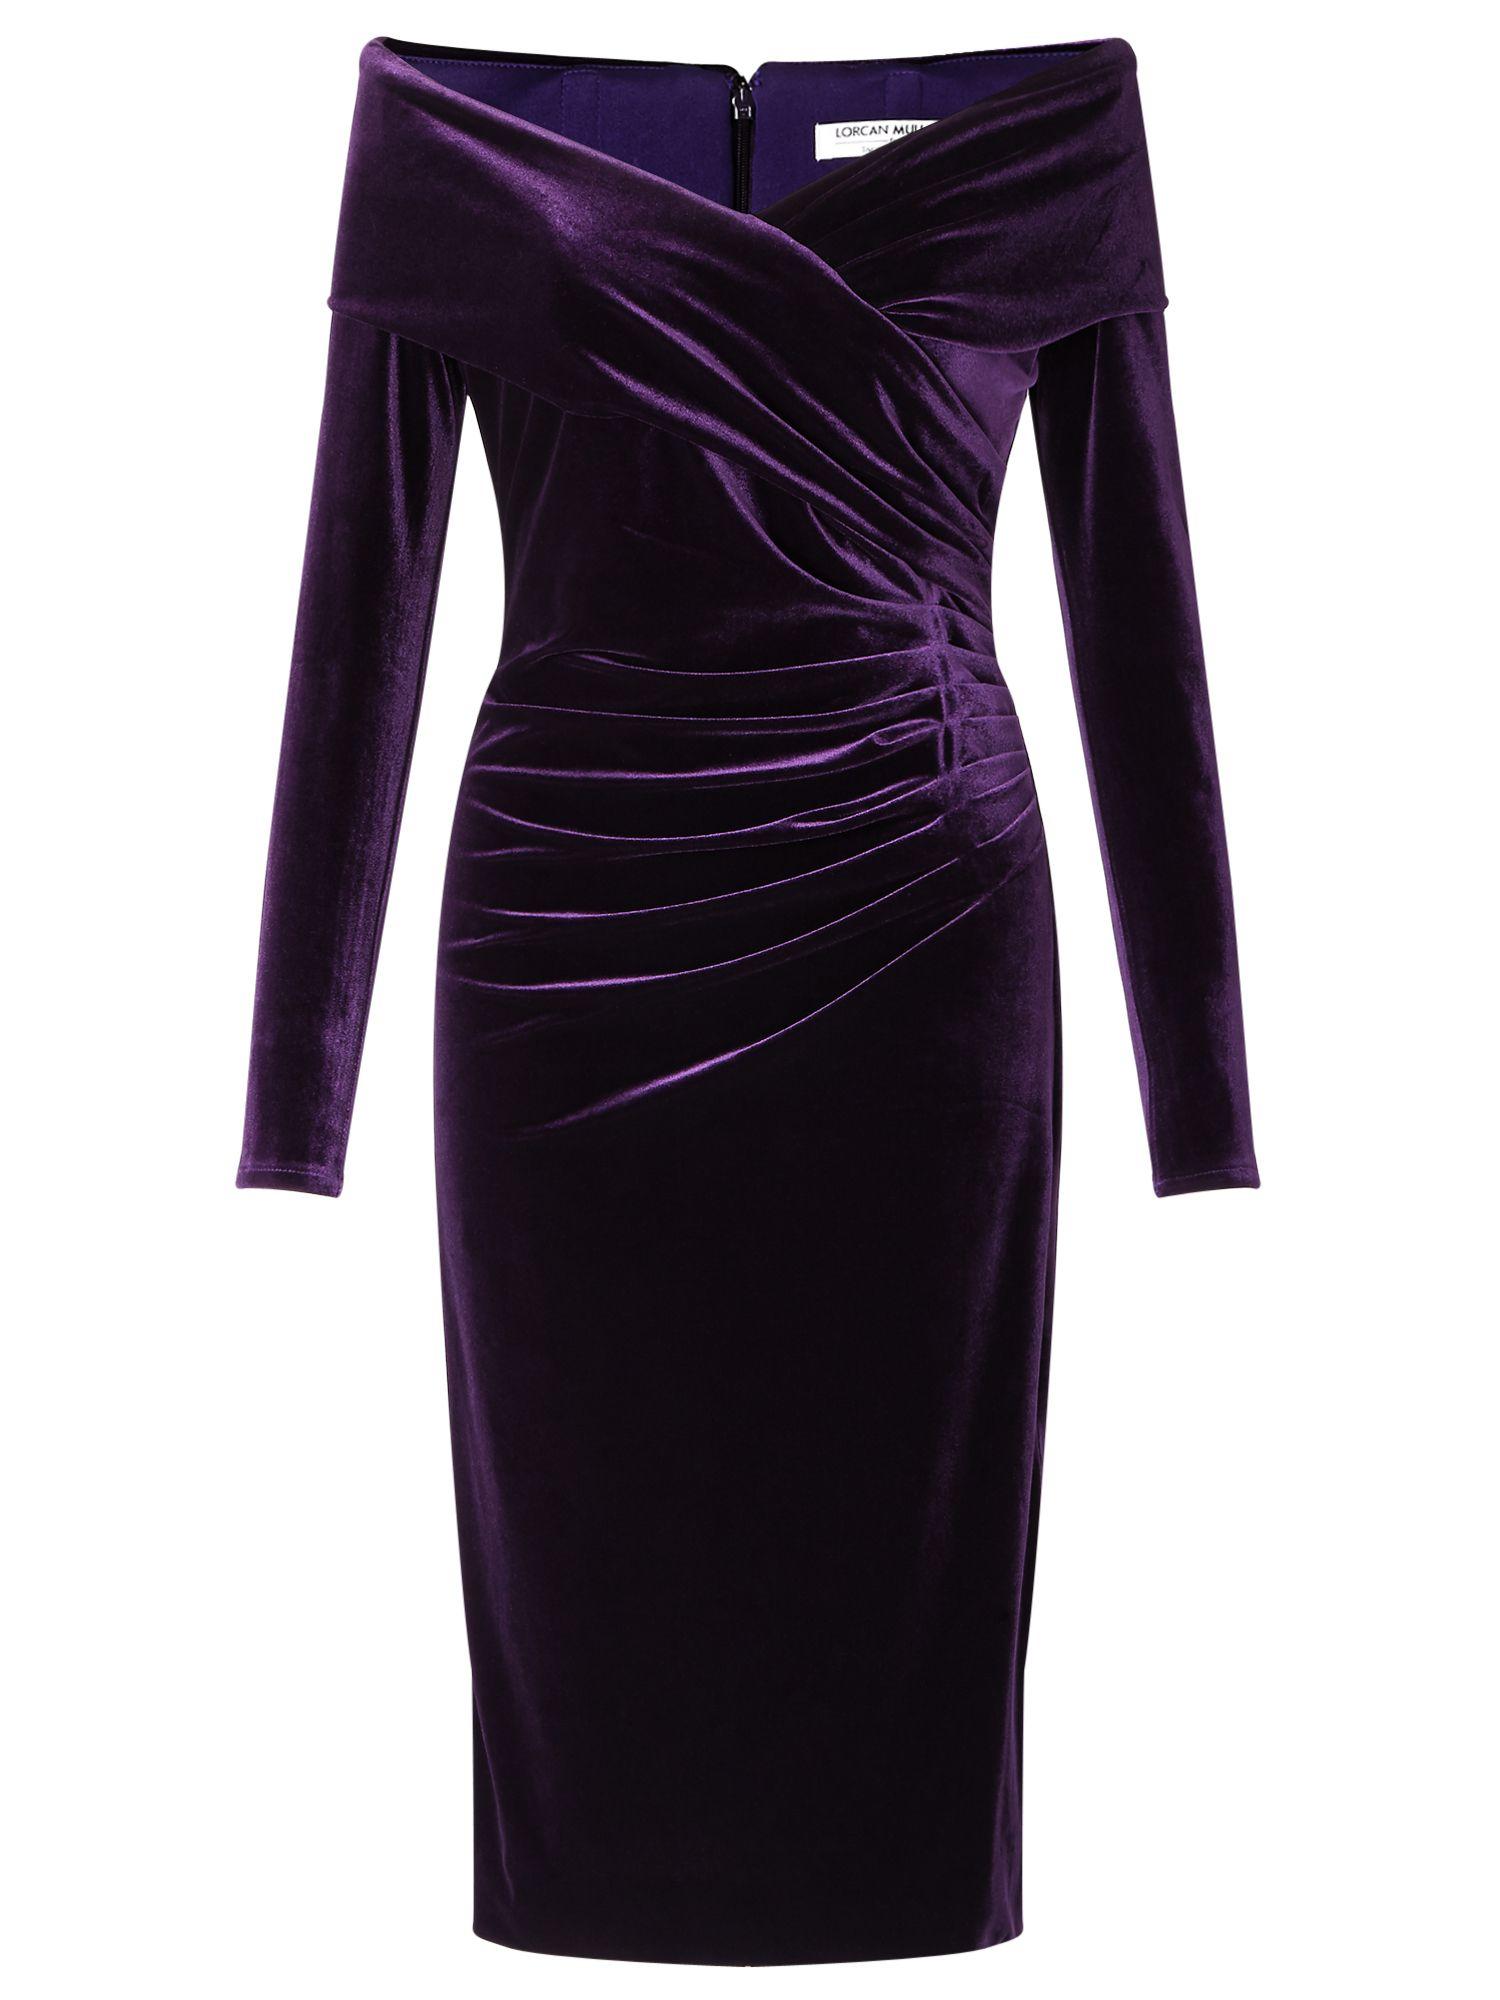 Purple Clothing Label Uk